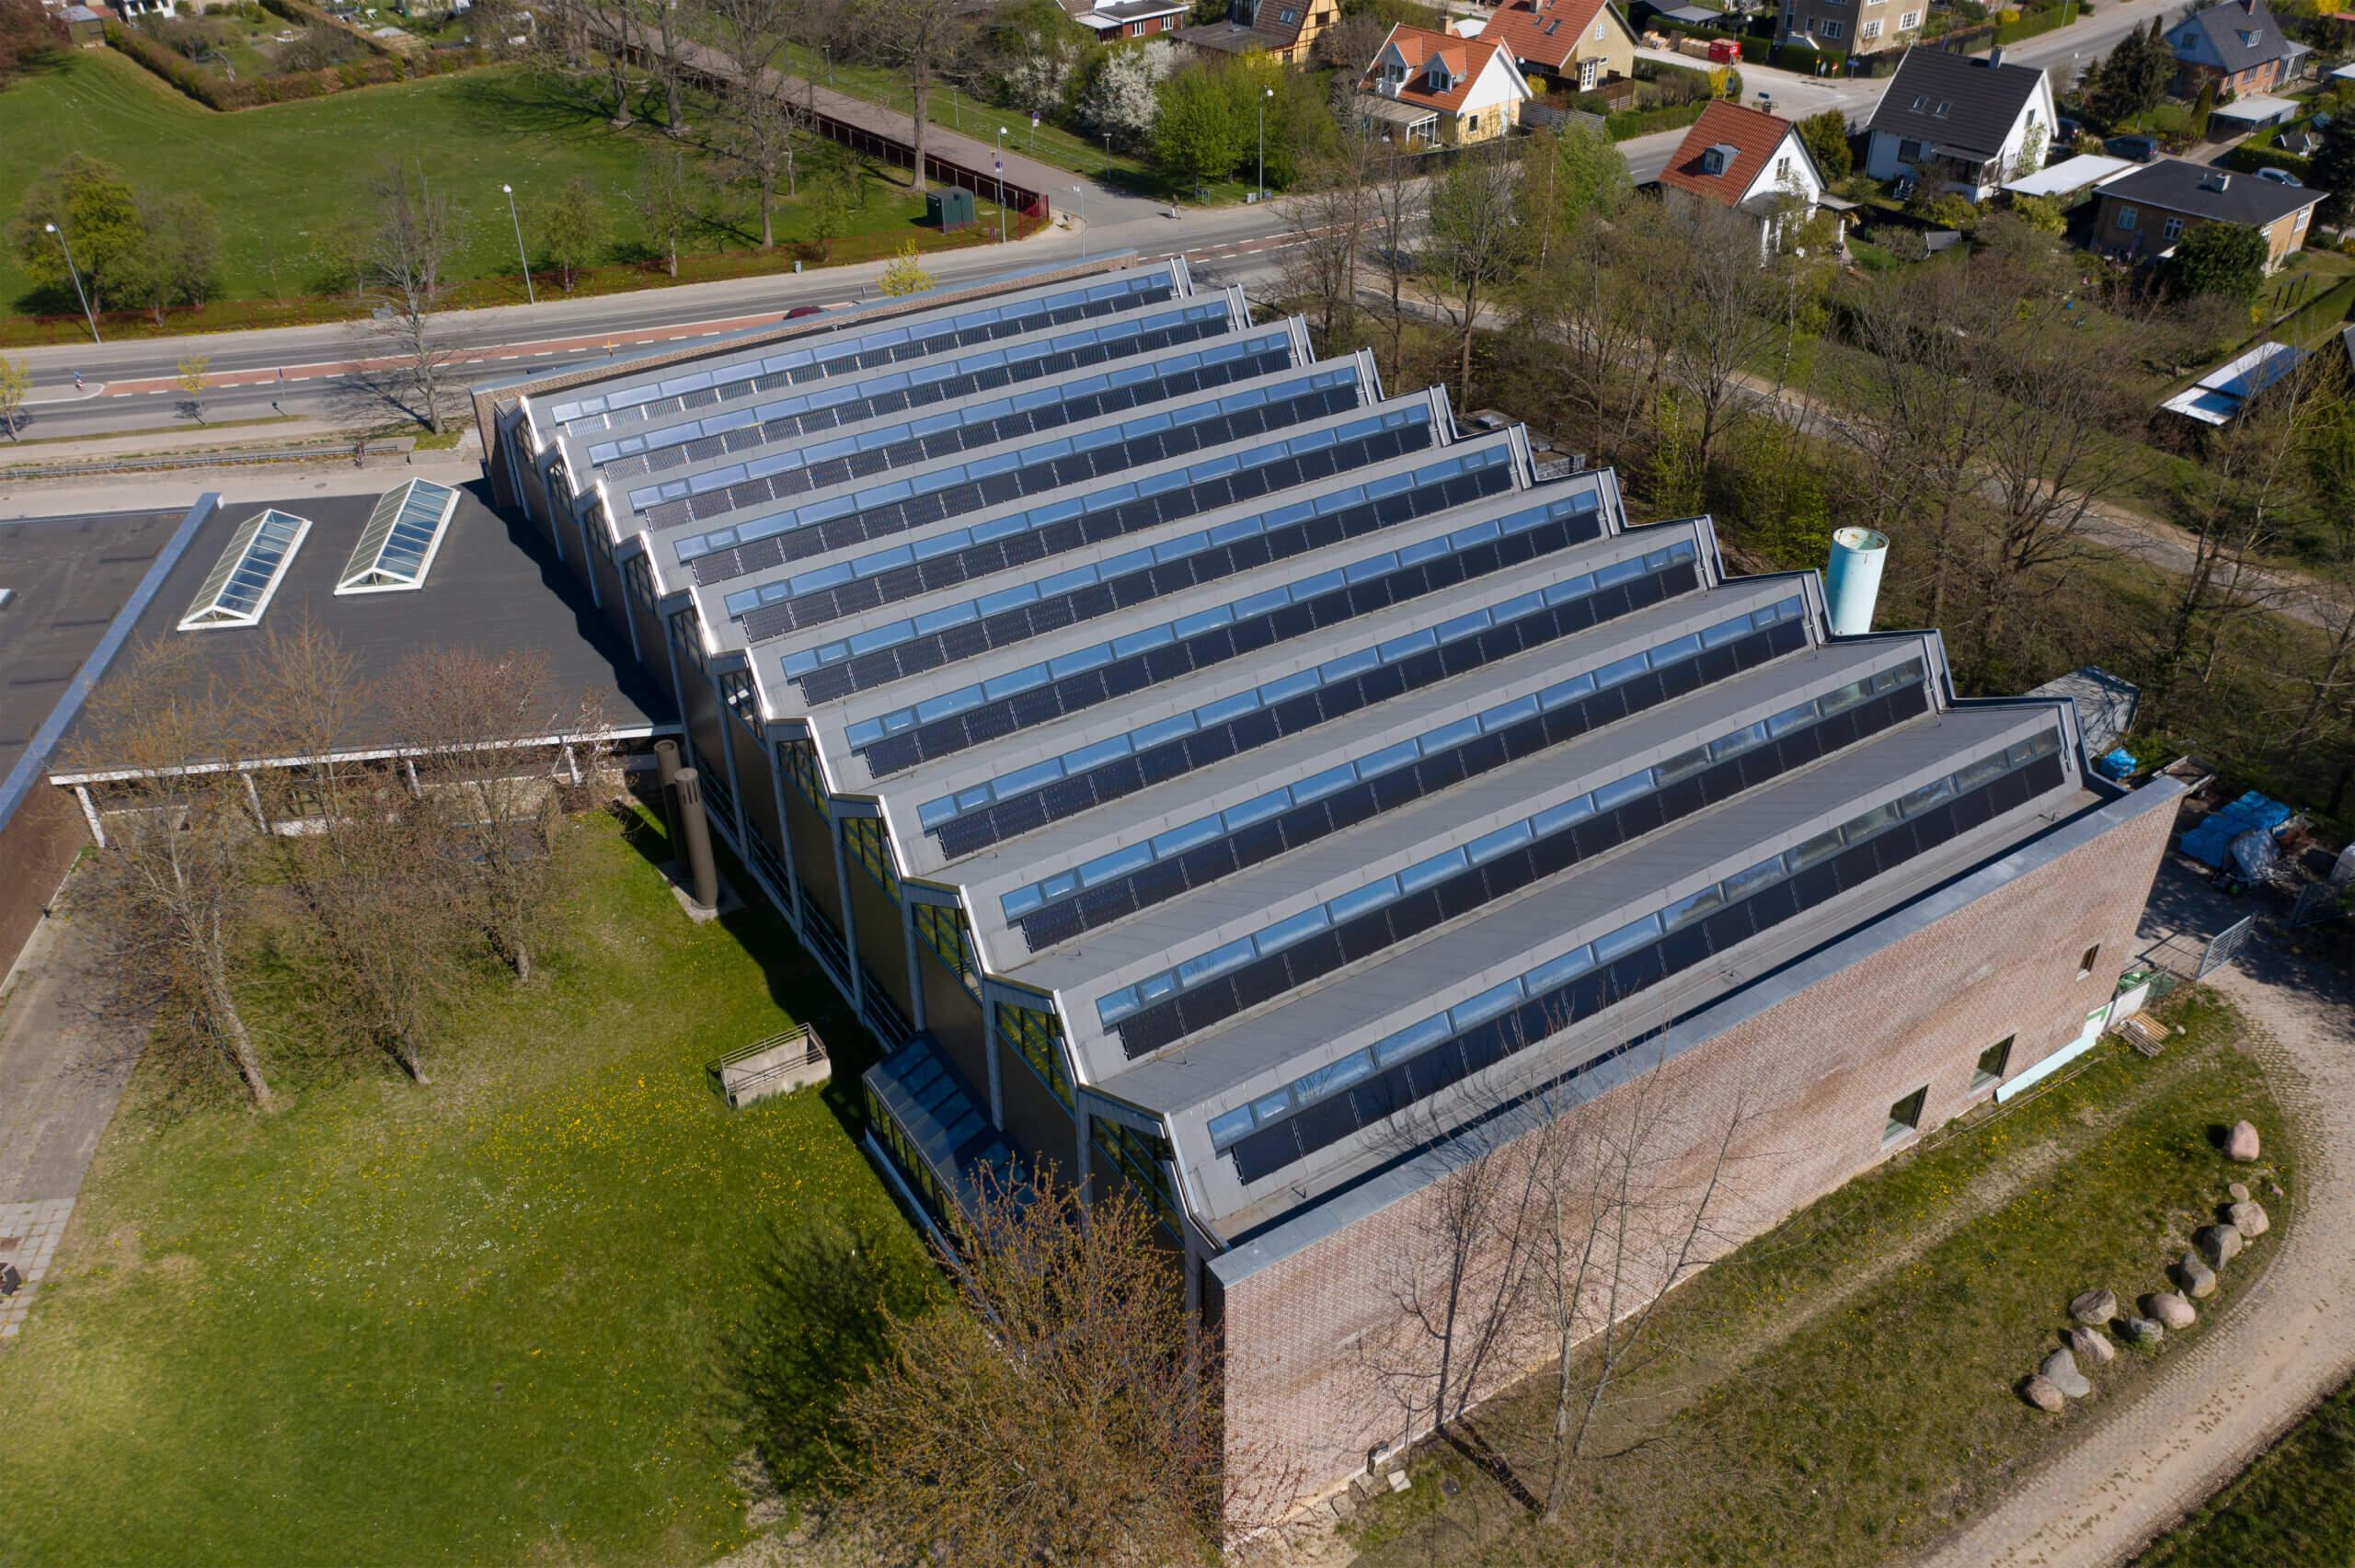 Ny tagdækning og solceller på Gladsaxe Svømmehal